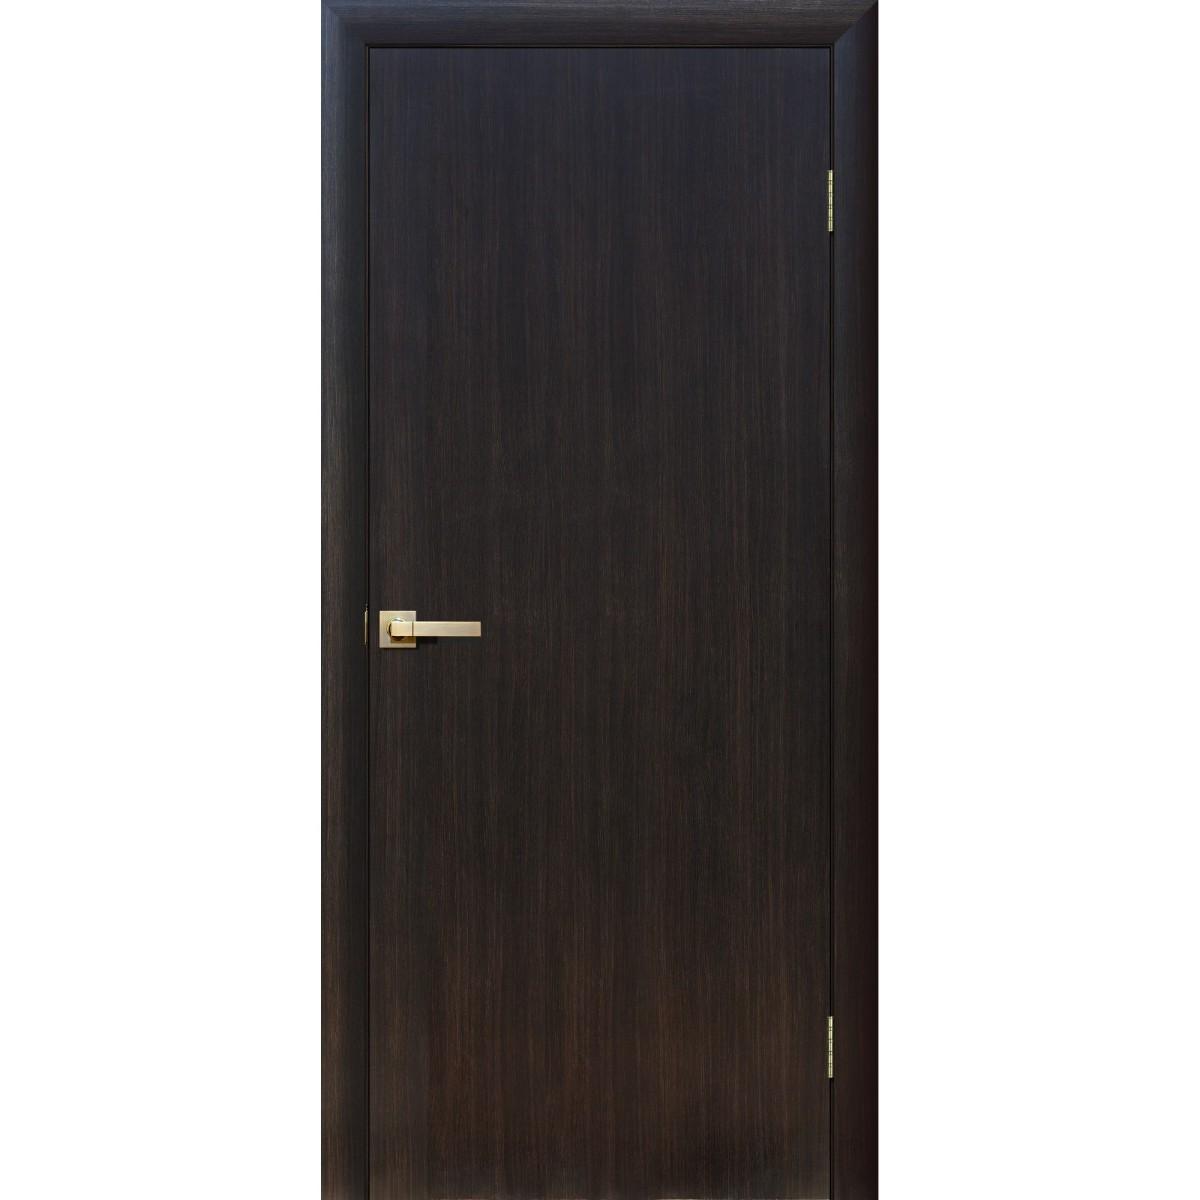 Дверь Межкомнатная Глухая Стандарт 80x200 Ламинация Цвет Дуб Феррара